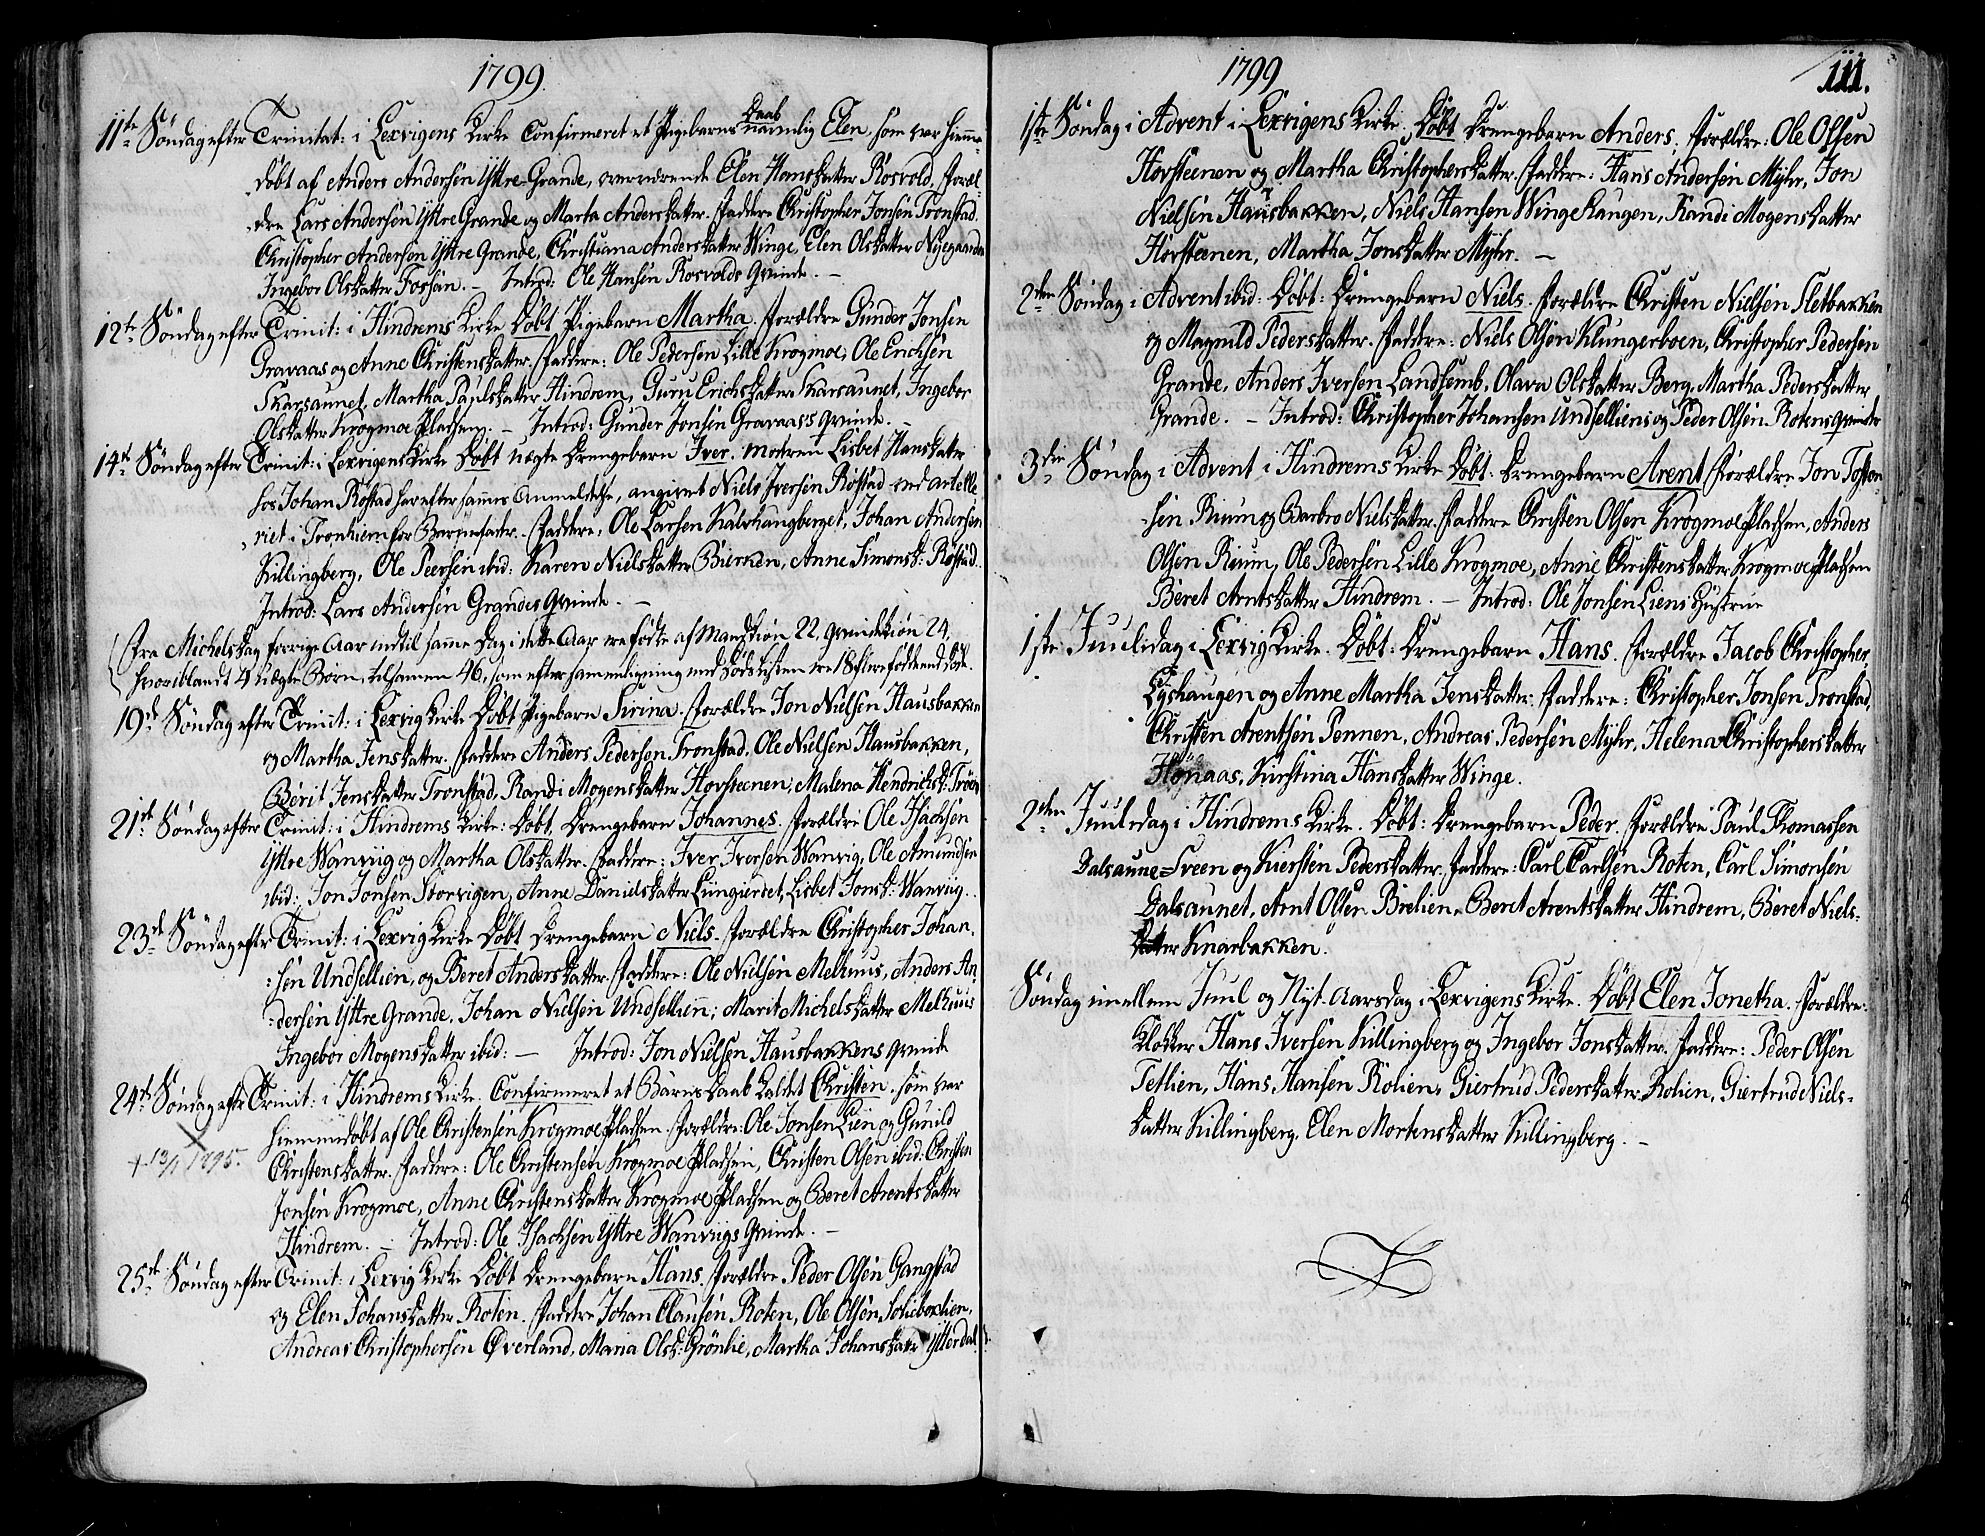 SAT, Ministerialprotokoller, klokkerbøker og fødselsregistre - Nord-Trøndelag, 701/L0004: Ministerialbok nr. 701A04, 1783-1816, s. 111